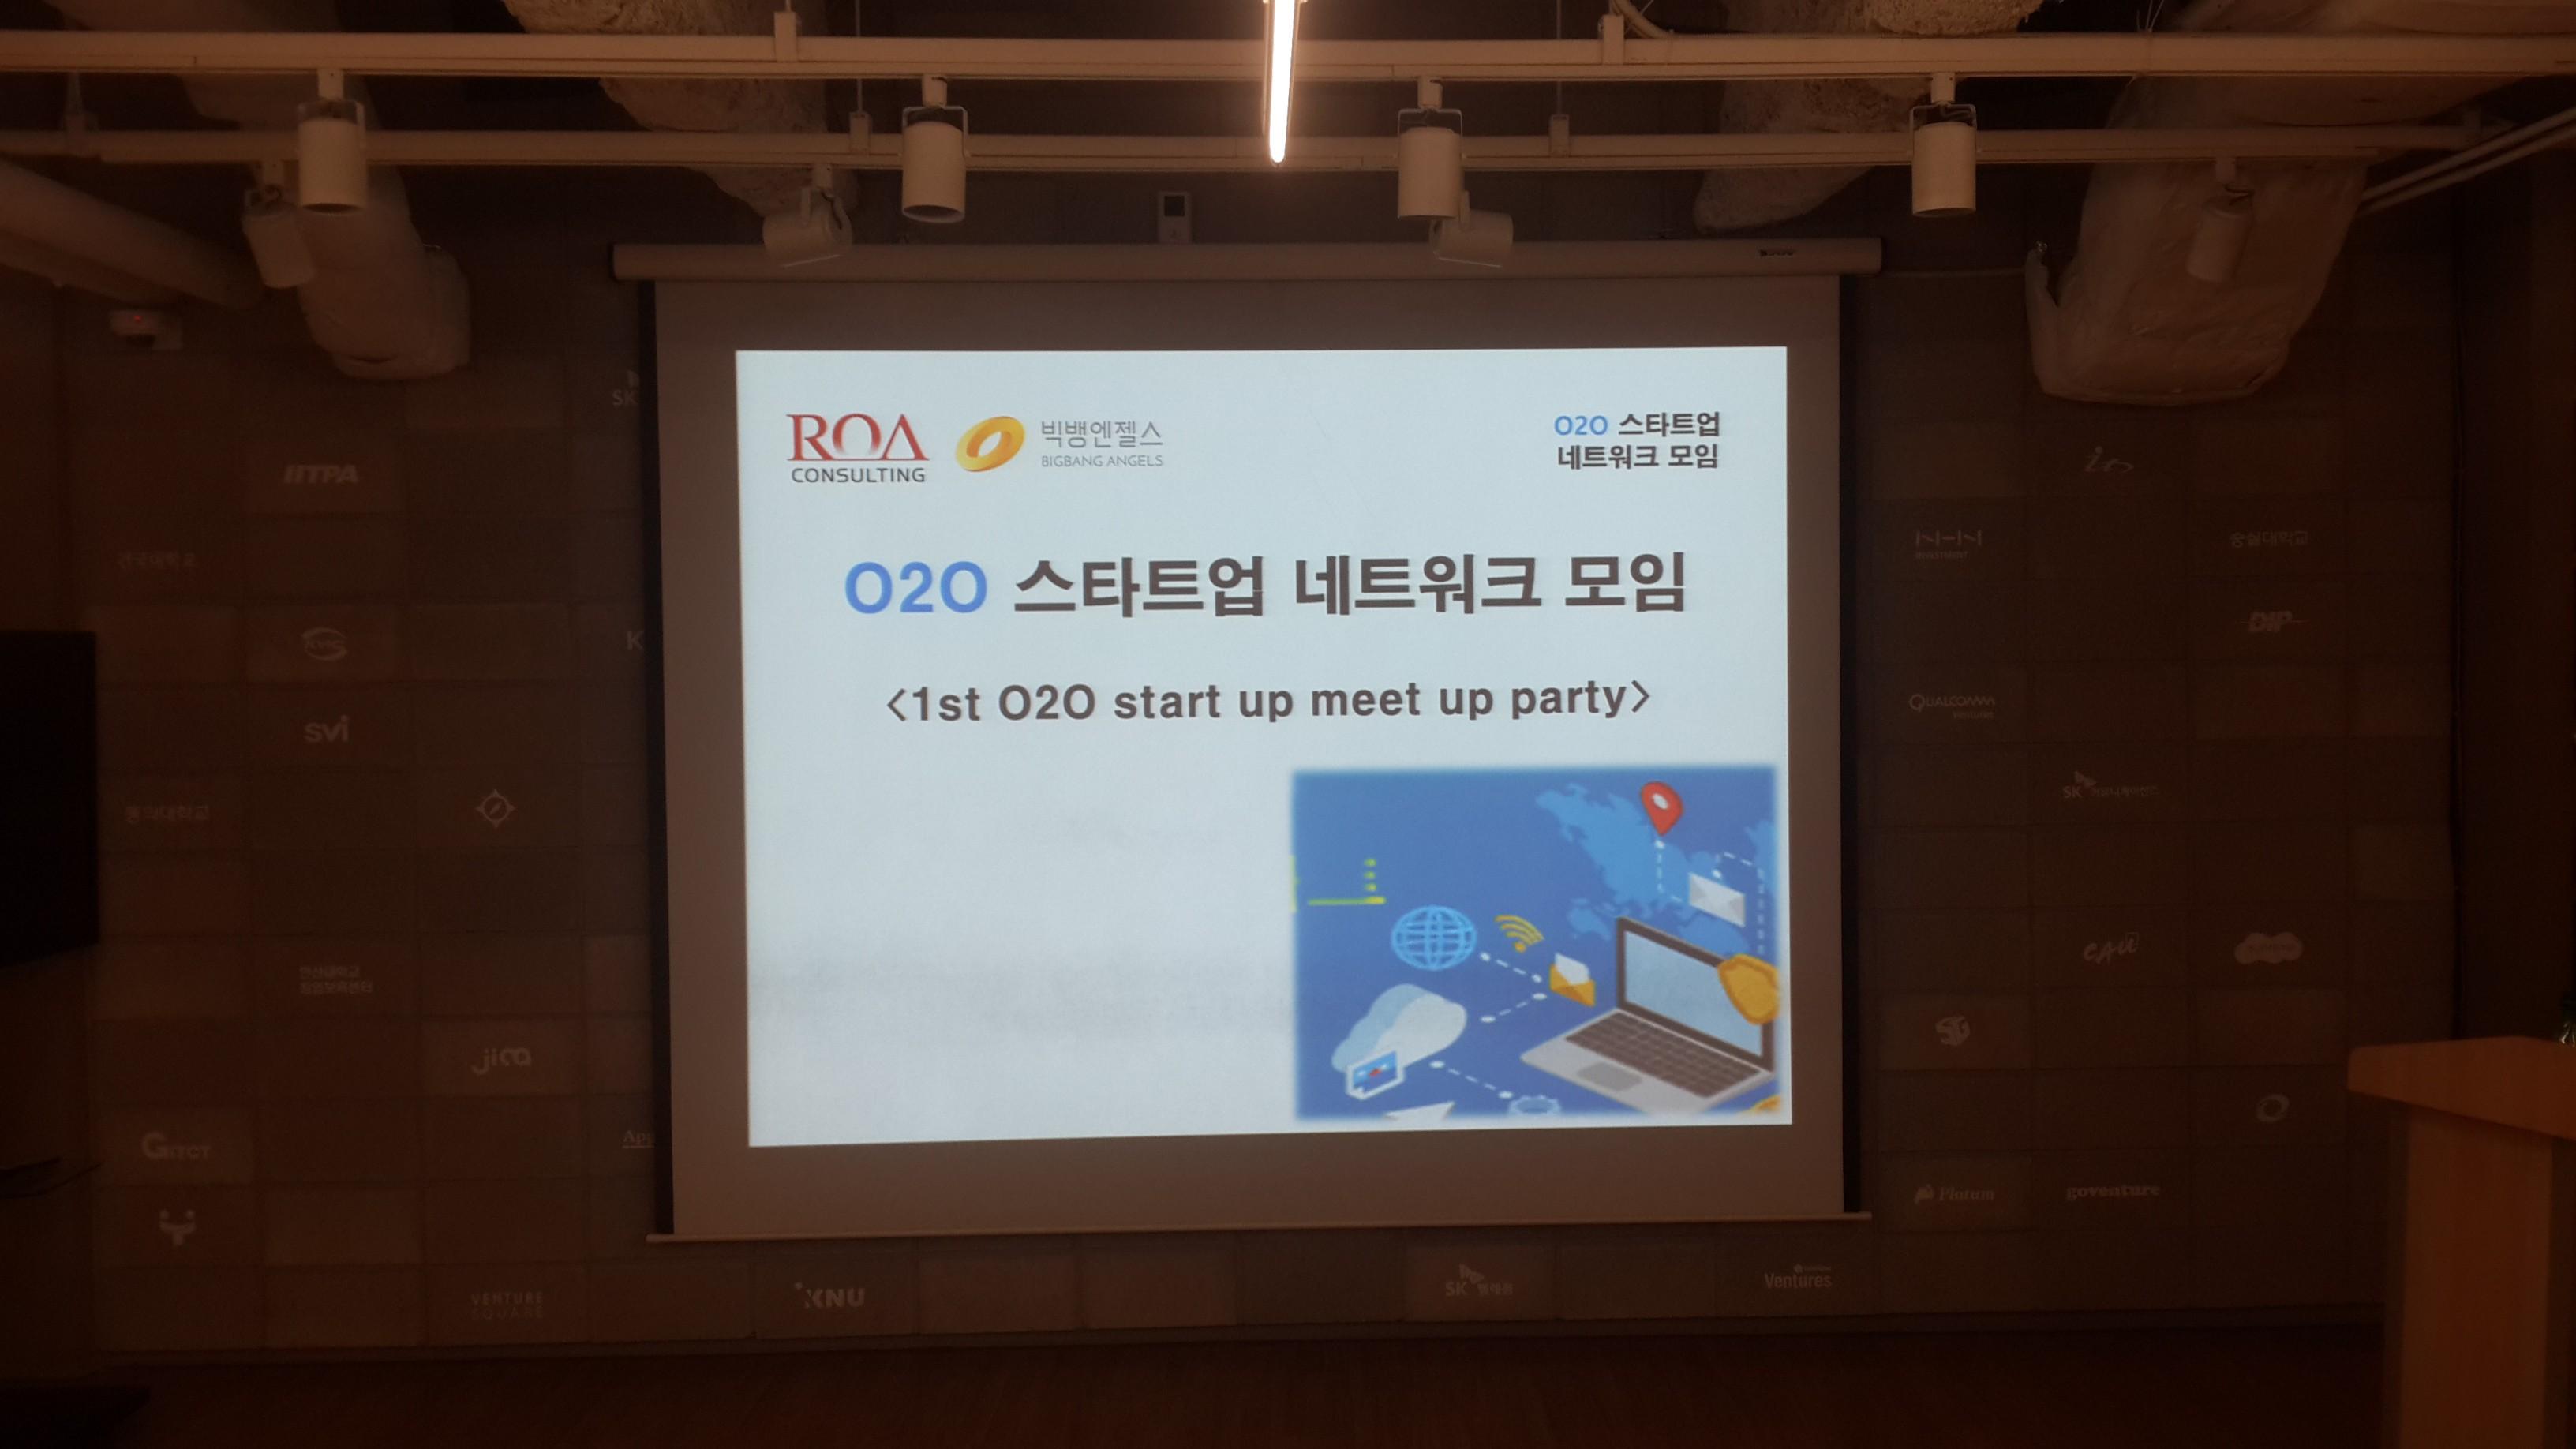 O2O & On-Demand 스타트업 네트워크 모임이 국내에서는 처음(?)으로 개최되었다 [출처 : 로아컨설팅]